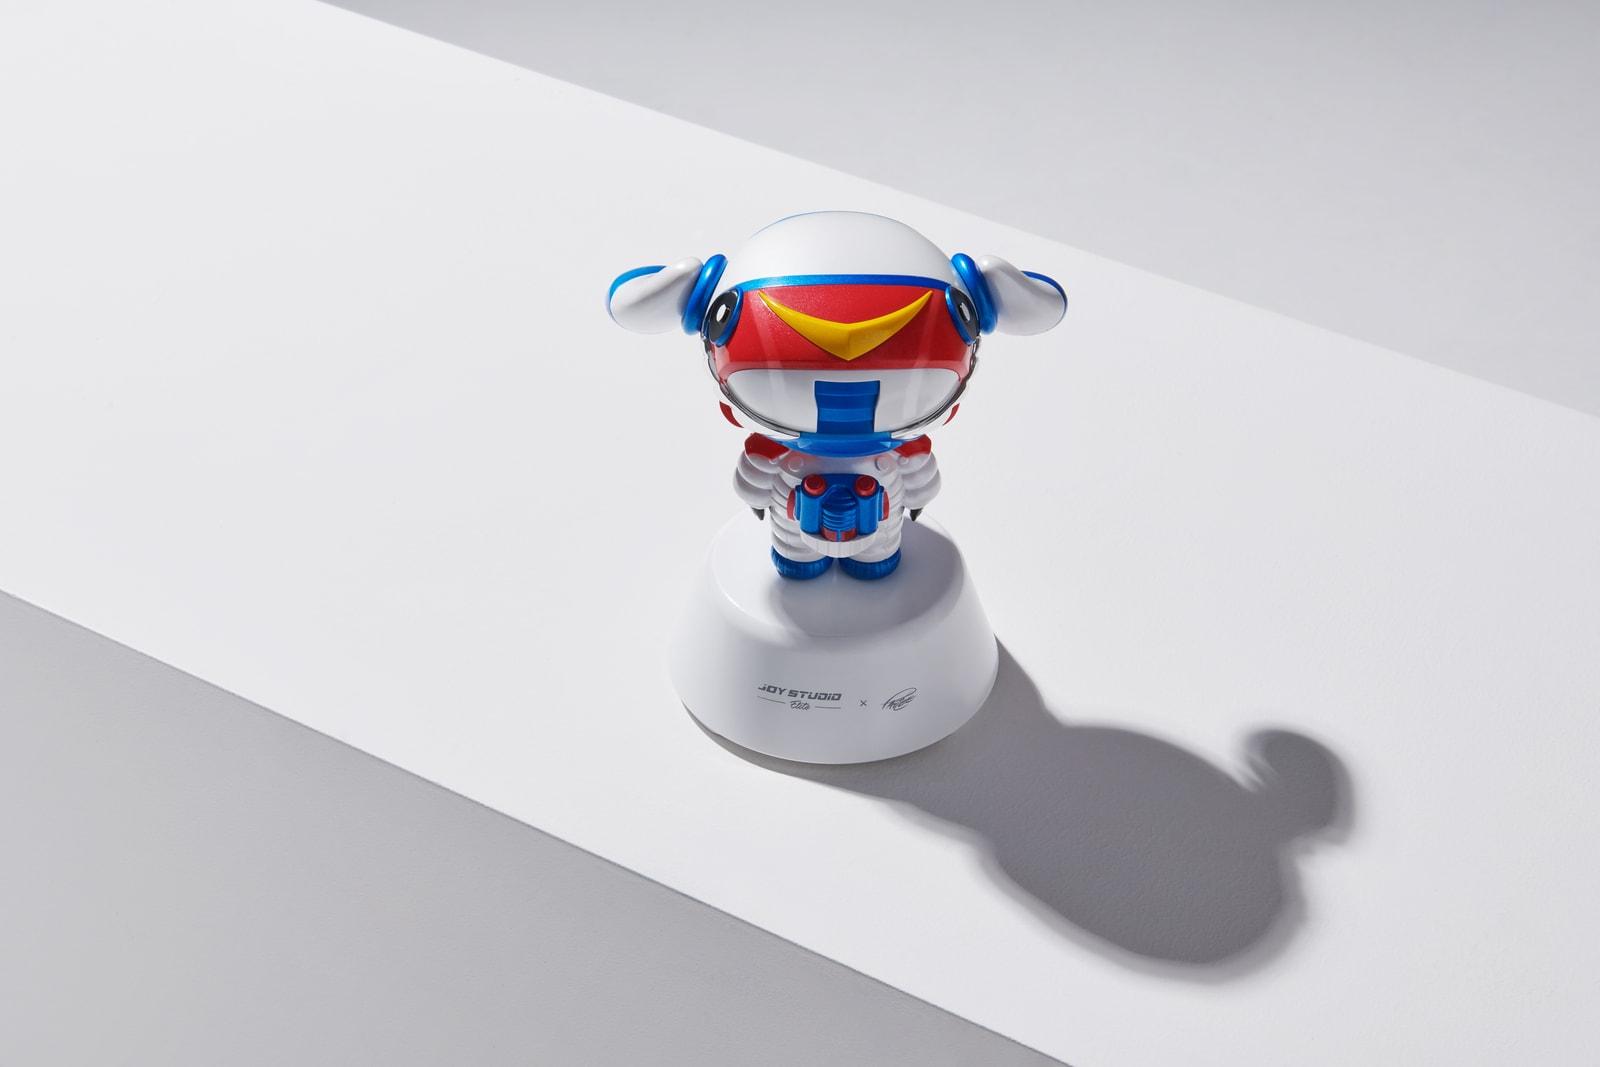 京东发布青年潮流品牌 JOY STUDIO,联合 fragment design 与多位艺术家发布联名系列